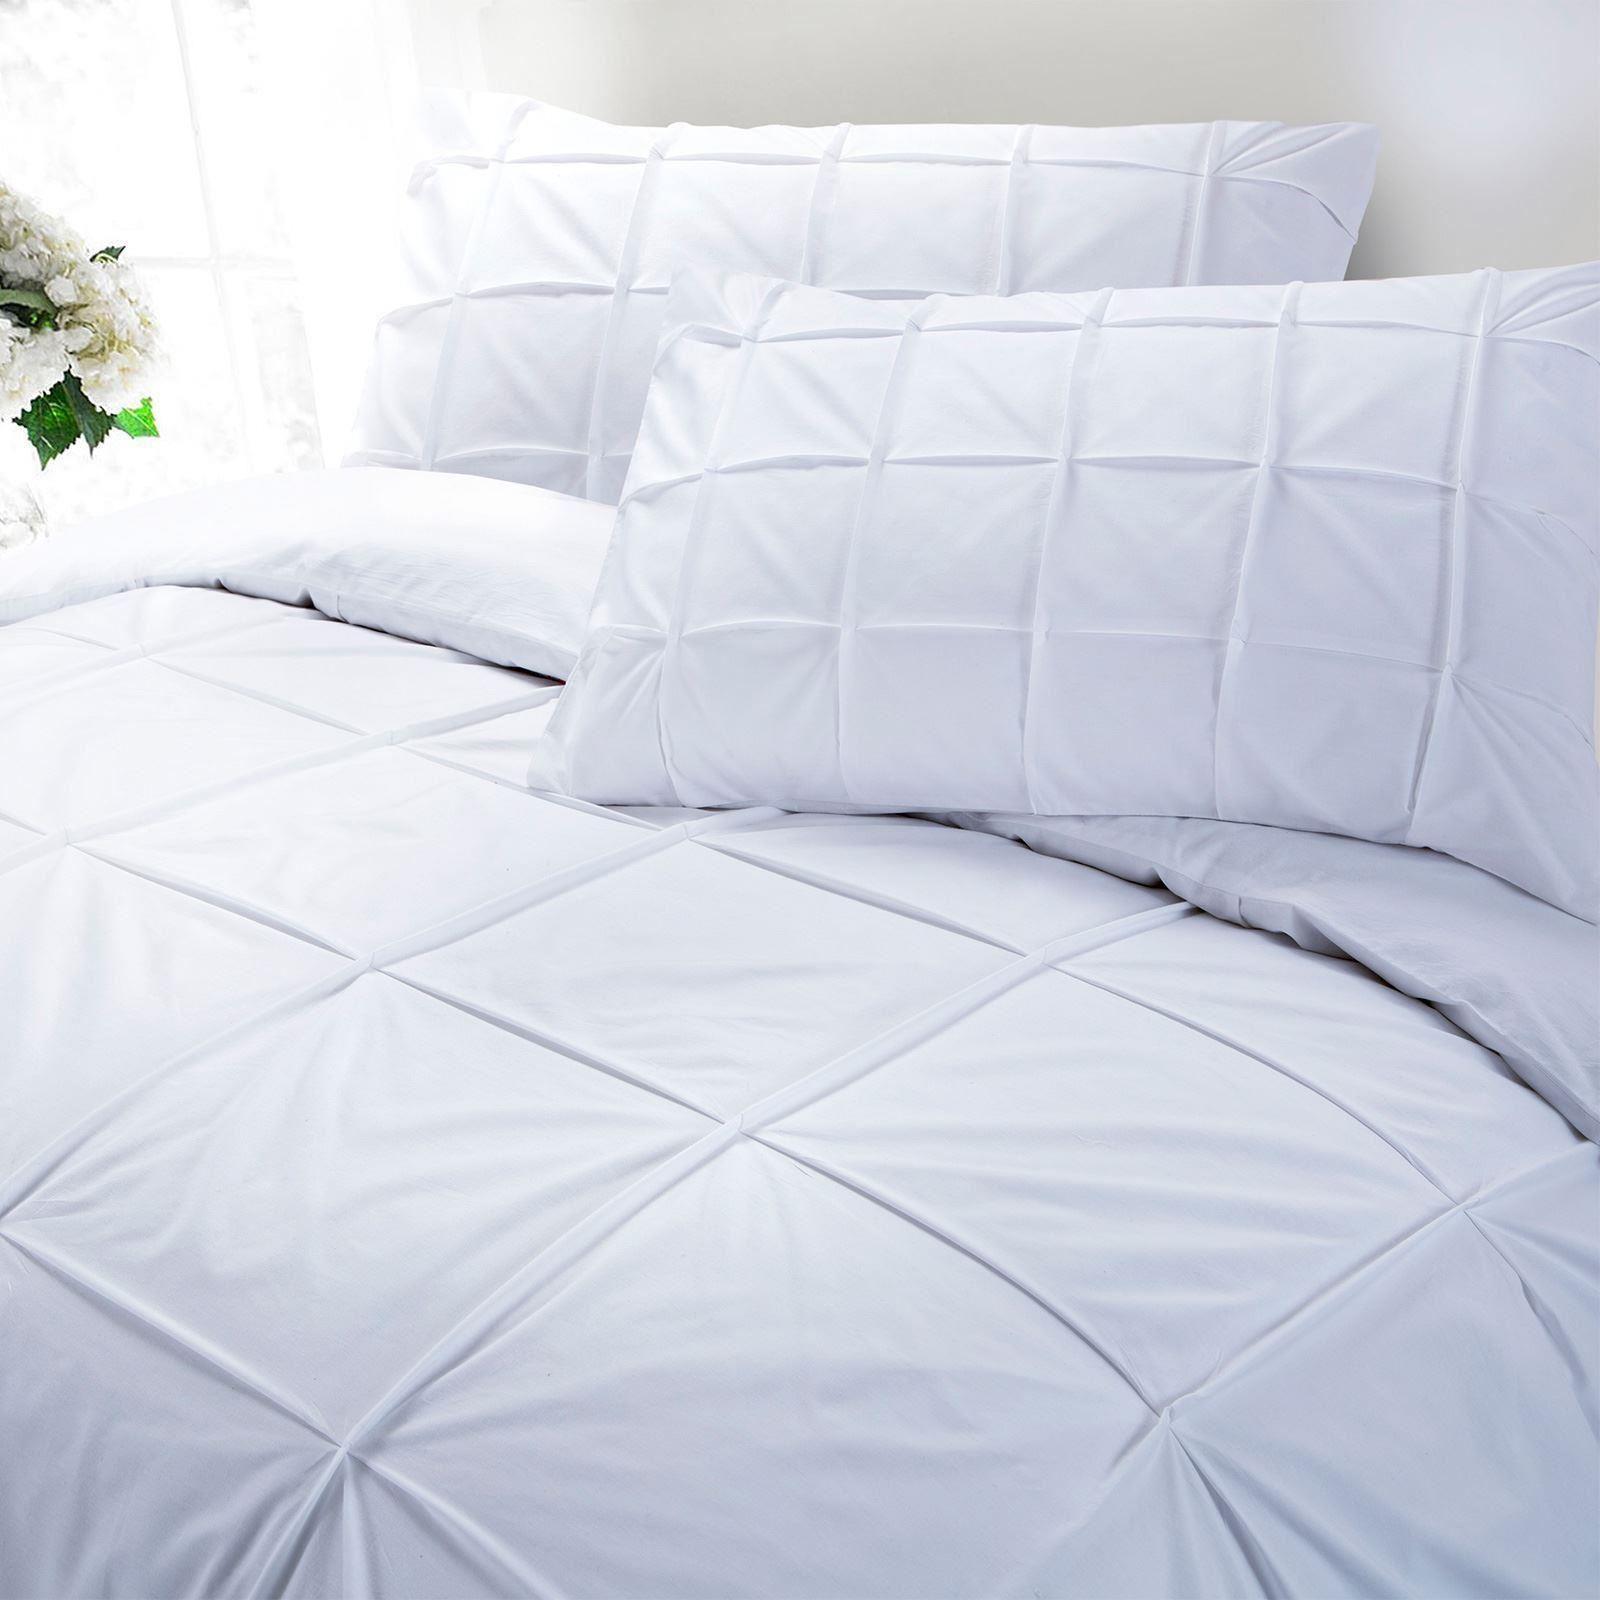 100-Coton-Egyptien-de-couette-couette-Set-Simple-Double-King-Size-Bed-sheets miniature 11